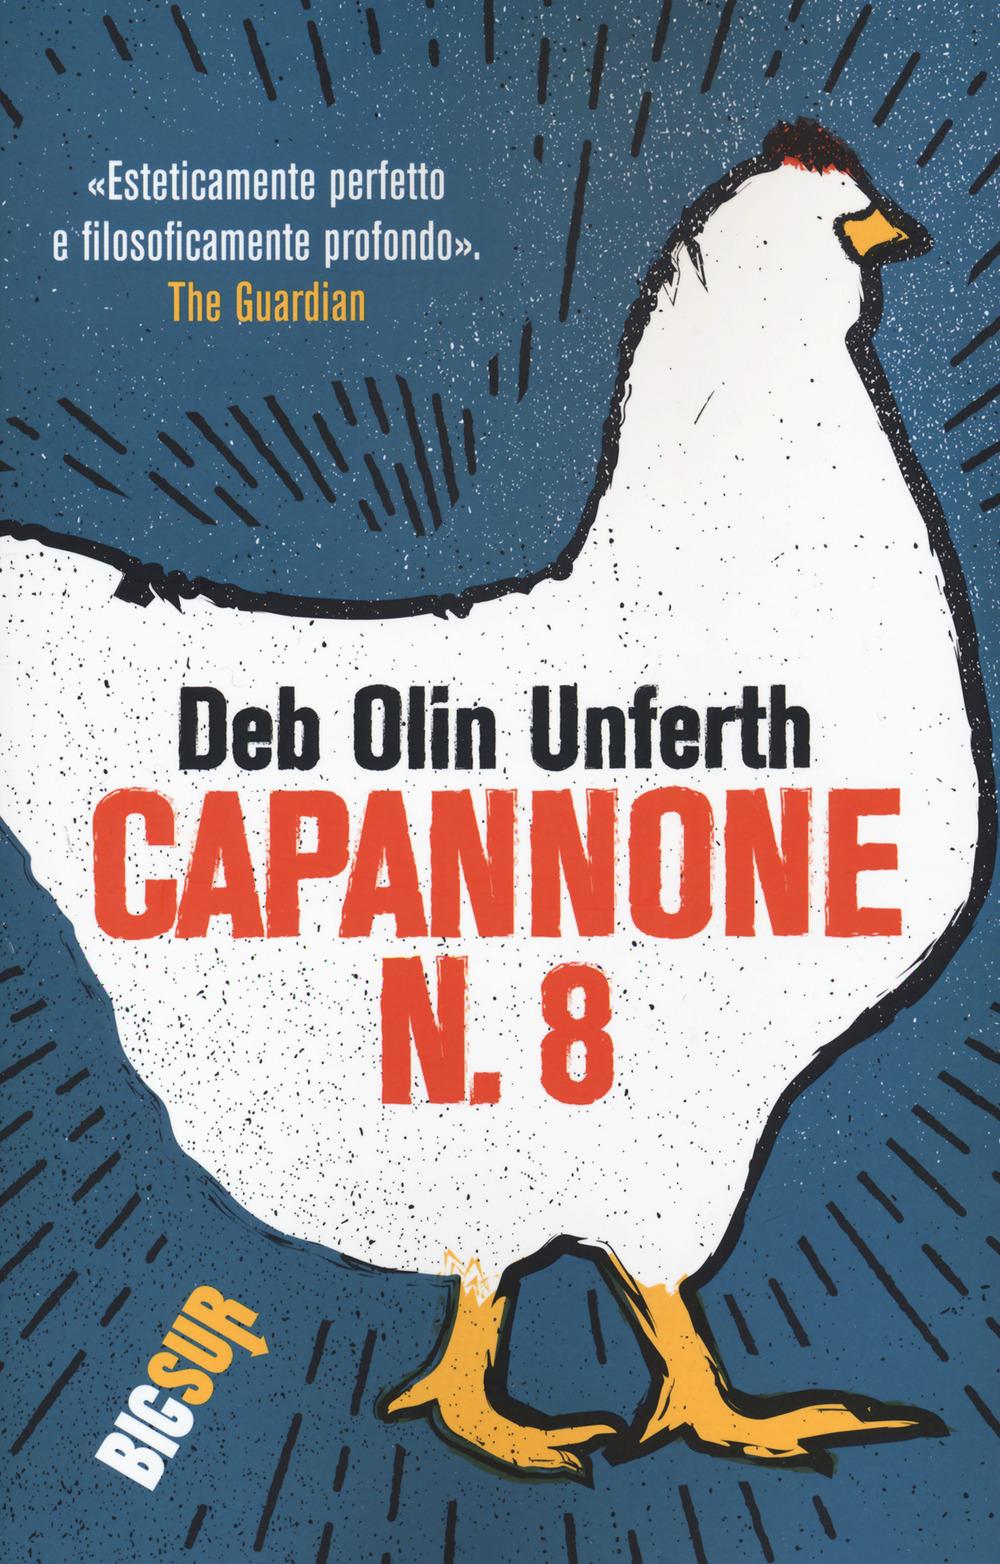 CAPANNONE N. 8